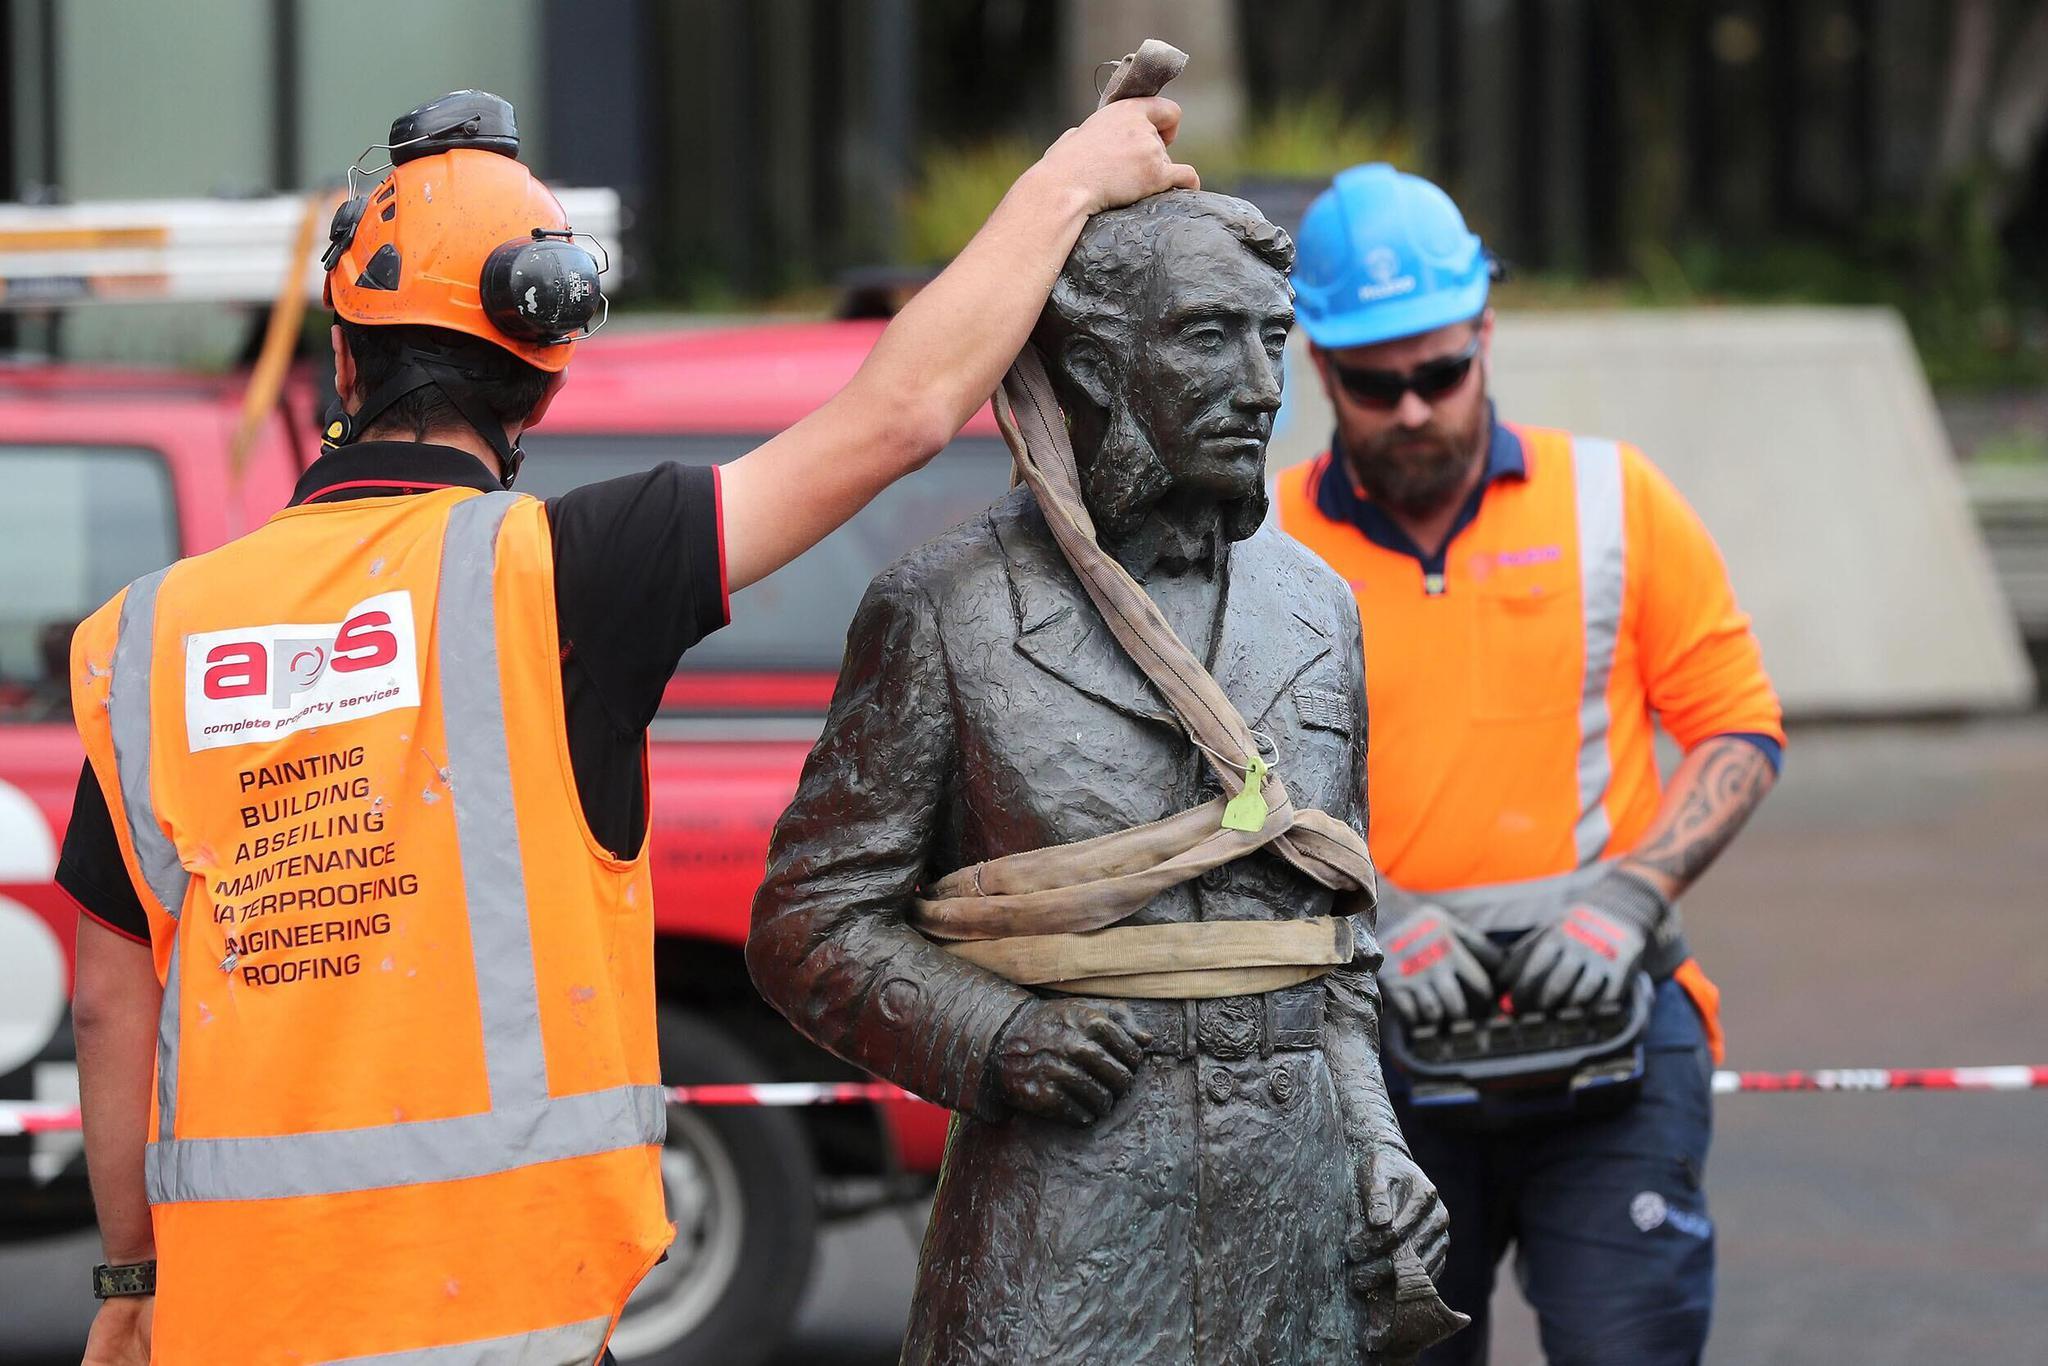 约翰·查尔斯·费恩·汉密尔顿雕像被拆除。图源:法新社